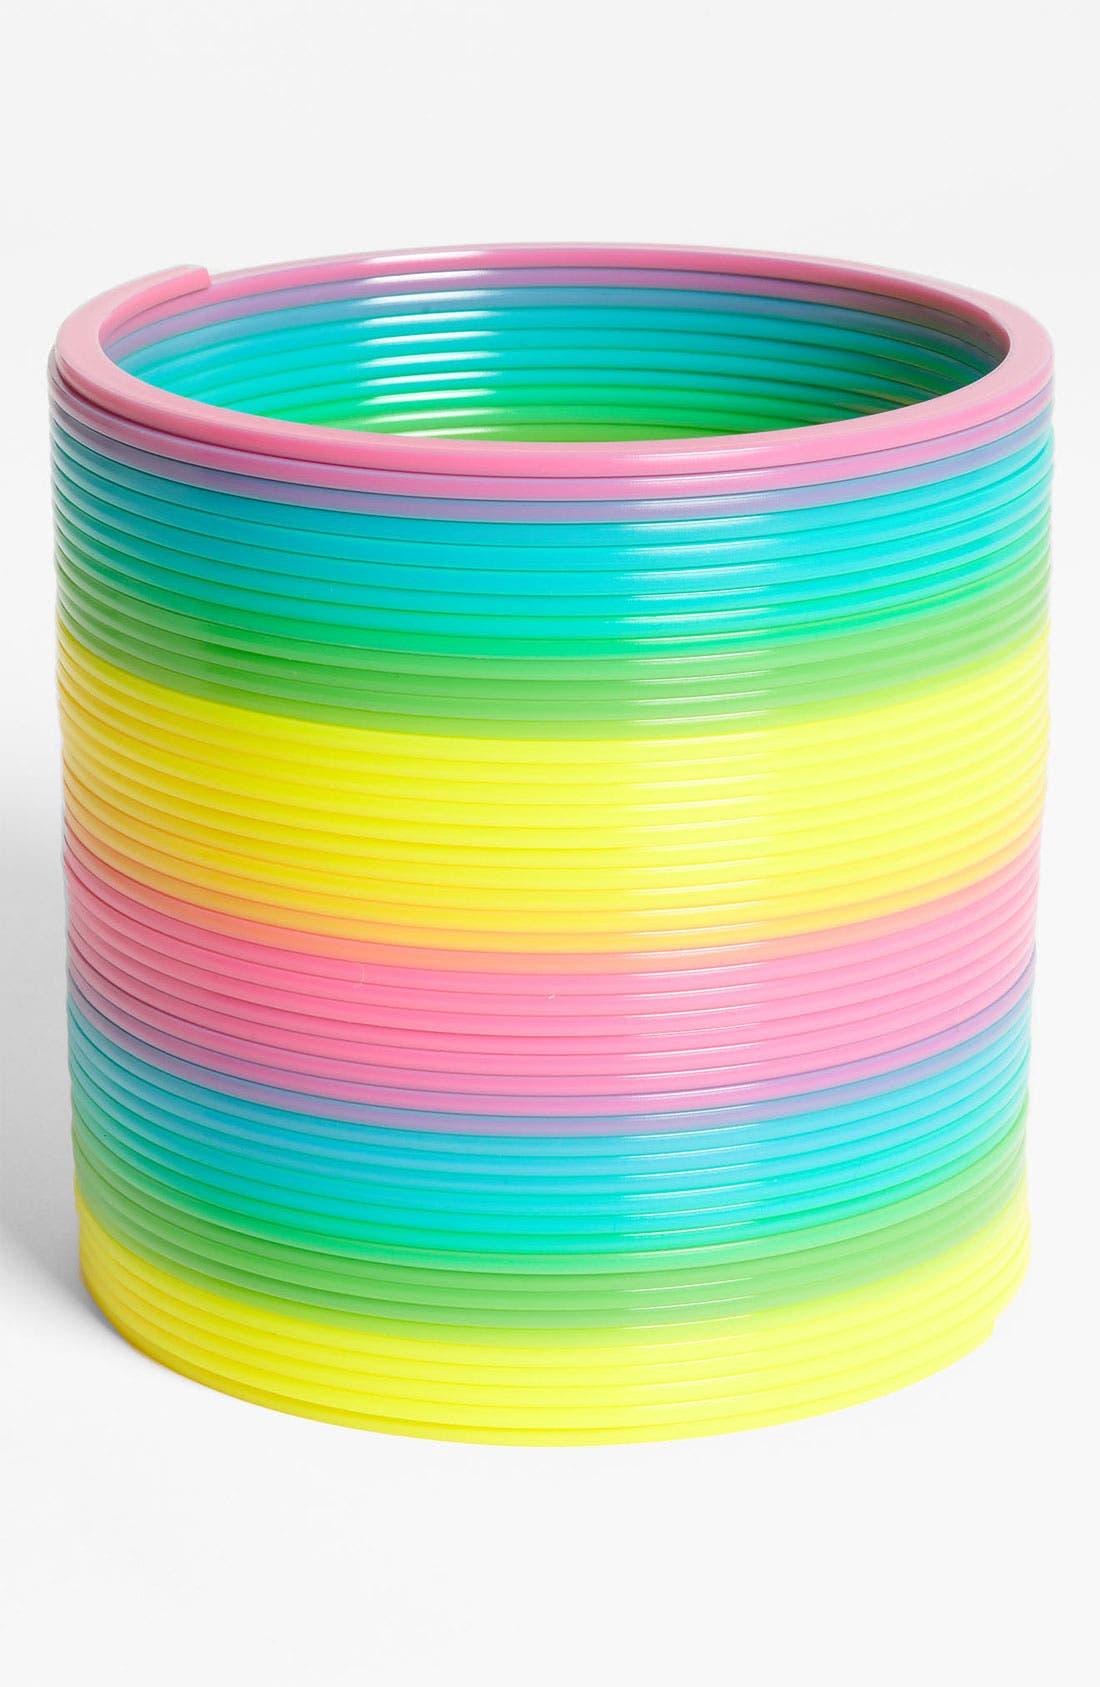 Alternate Image 2  - Master Toys Jumbo Rainbow Slinky